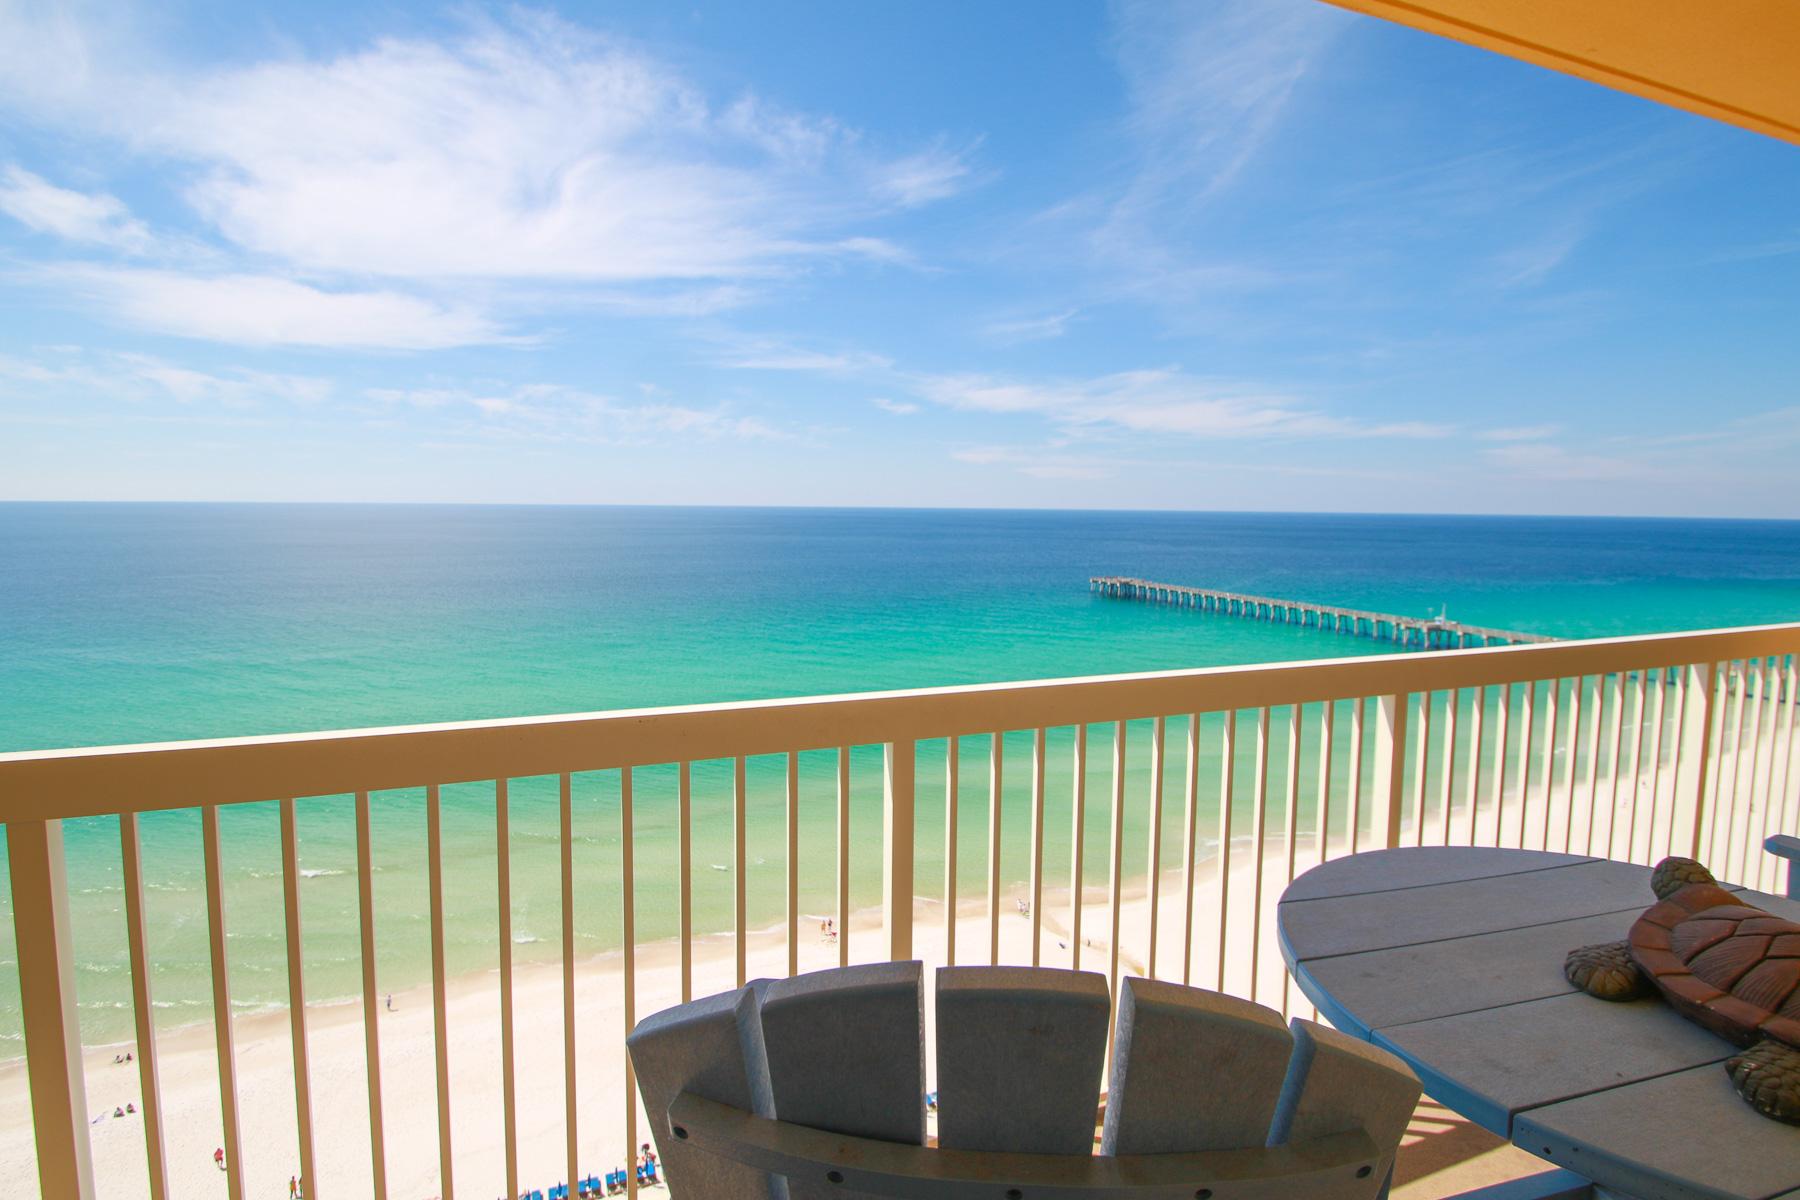 共管式独立产权公寓 为 销售 在 Turn Key Gulf-front Condo Boasts Desirable Rental Floorplan 15817 Front Beach Road 2-1702, 巴拿马城海滩, 佛罗里达州, 32413 美国